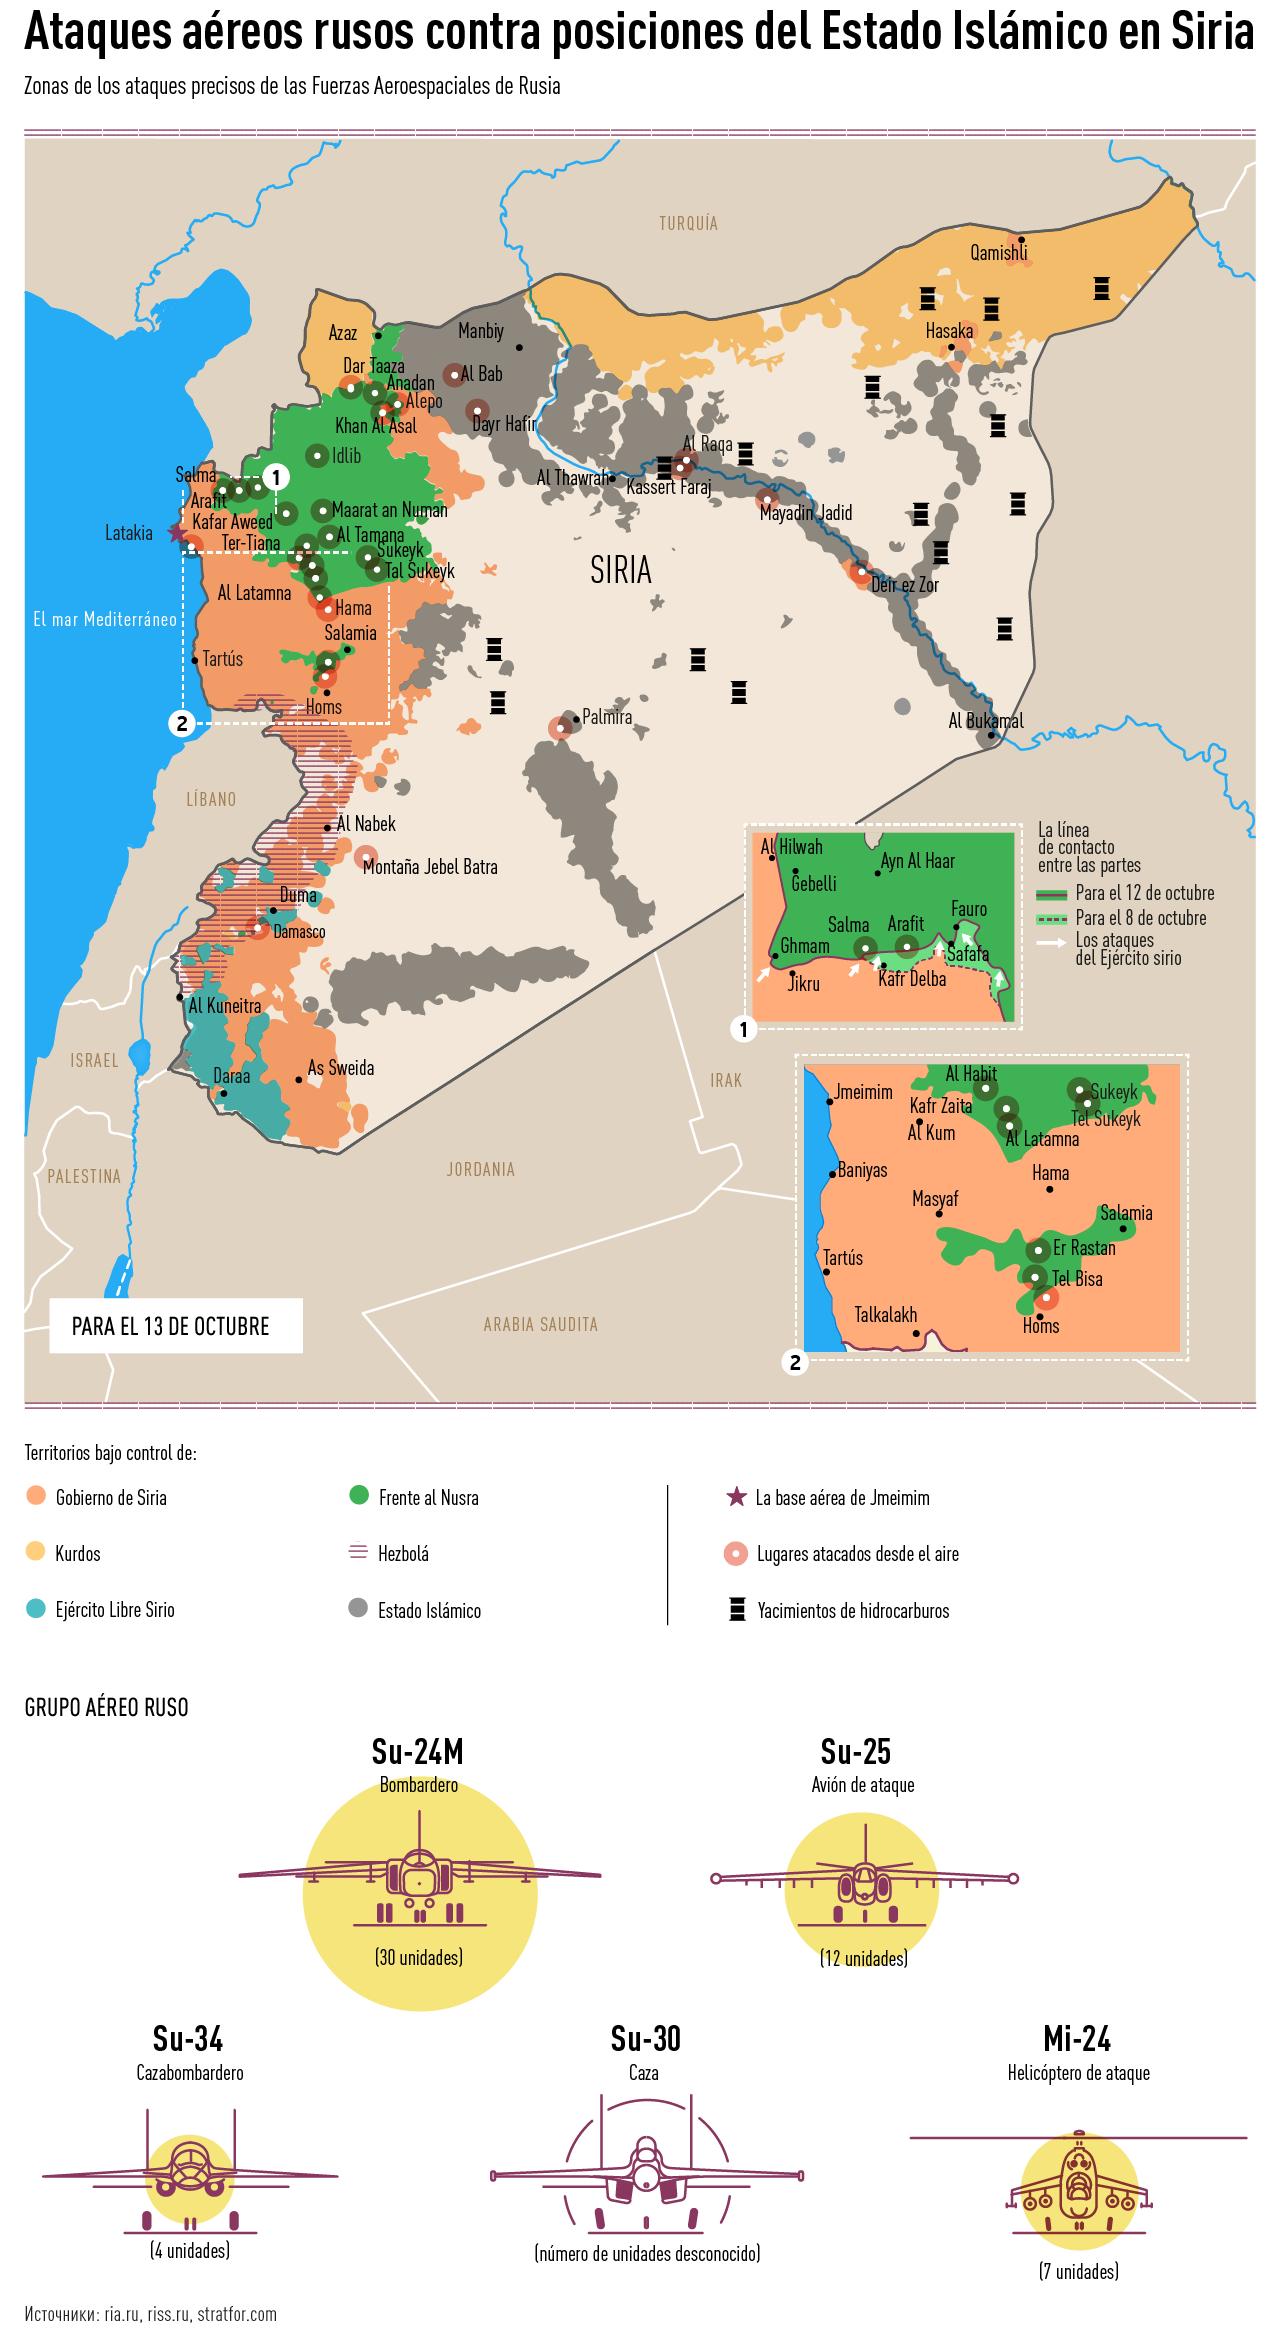 Infografía Rusia-Siria